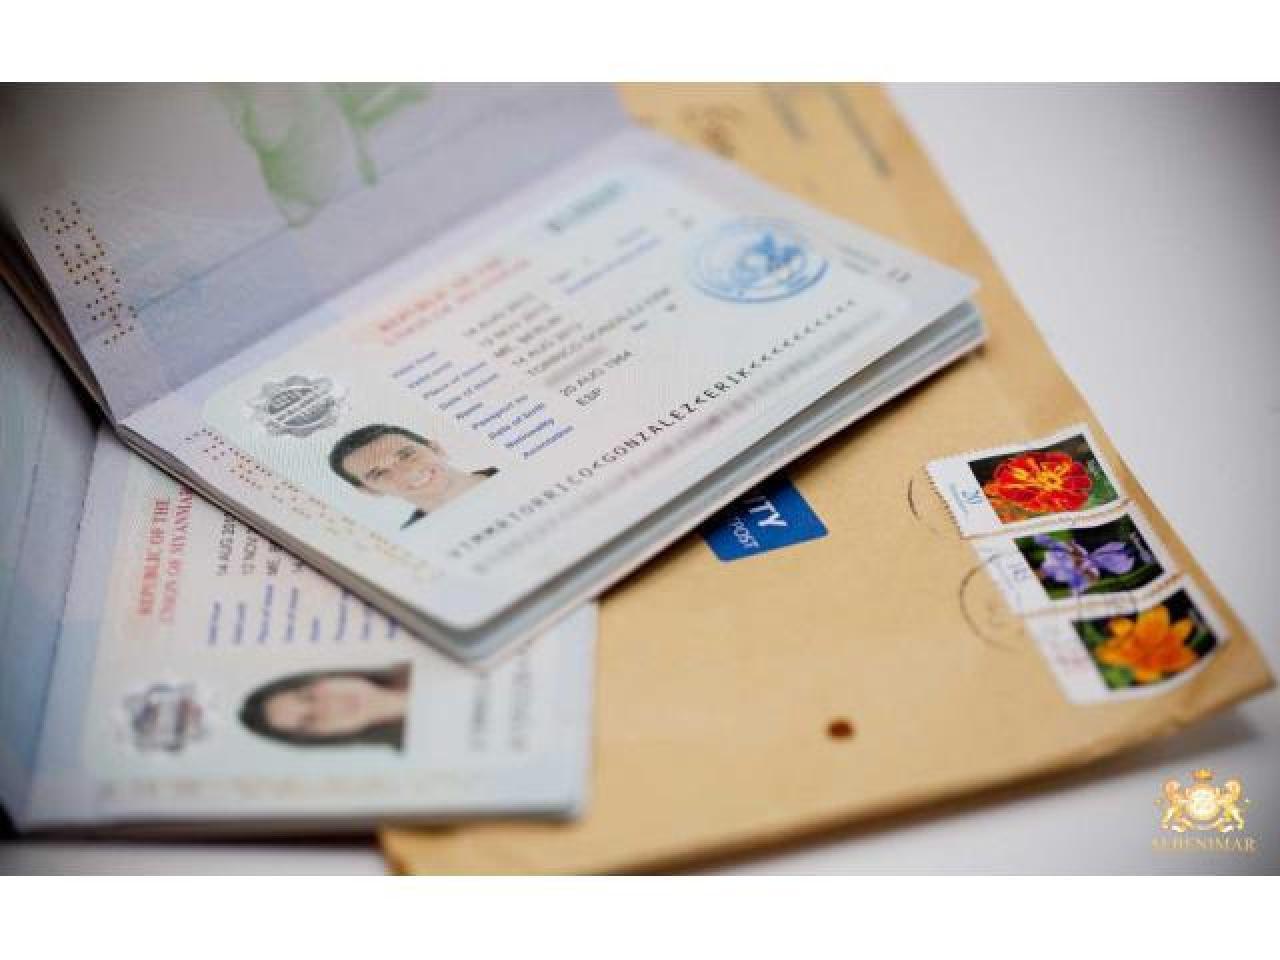 Визы в Шенген, Англию, США для граждан РФ и СНГ. - 1